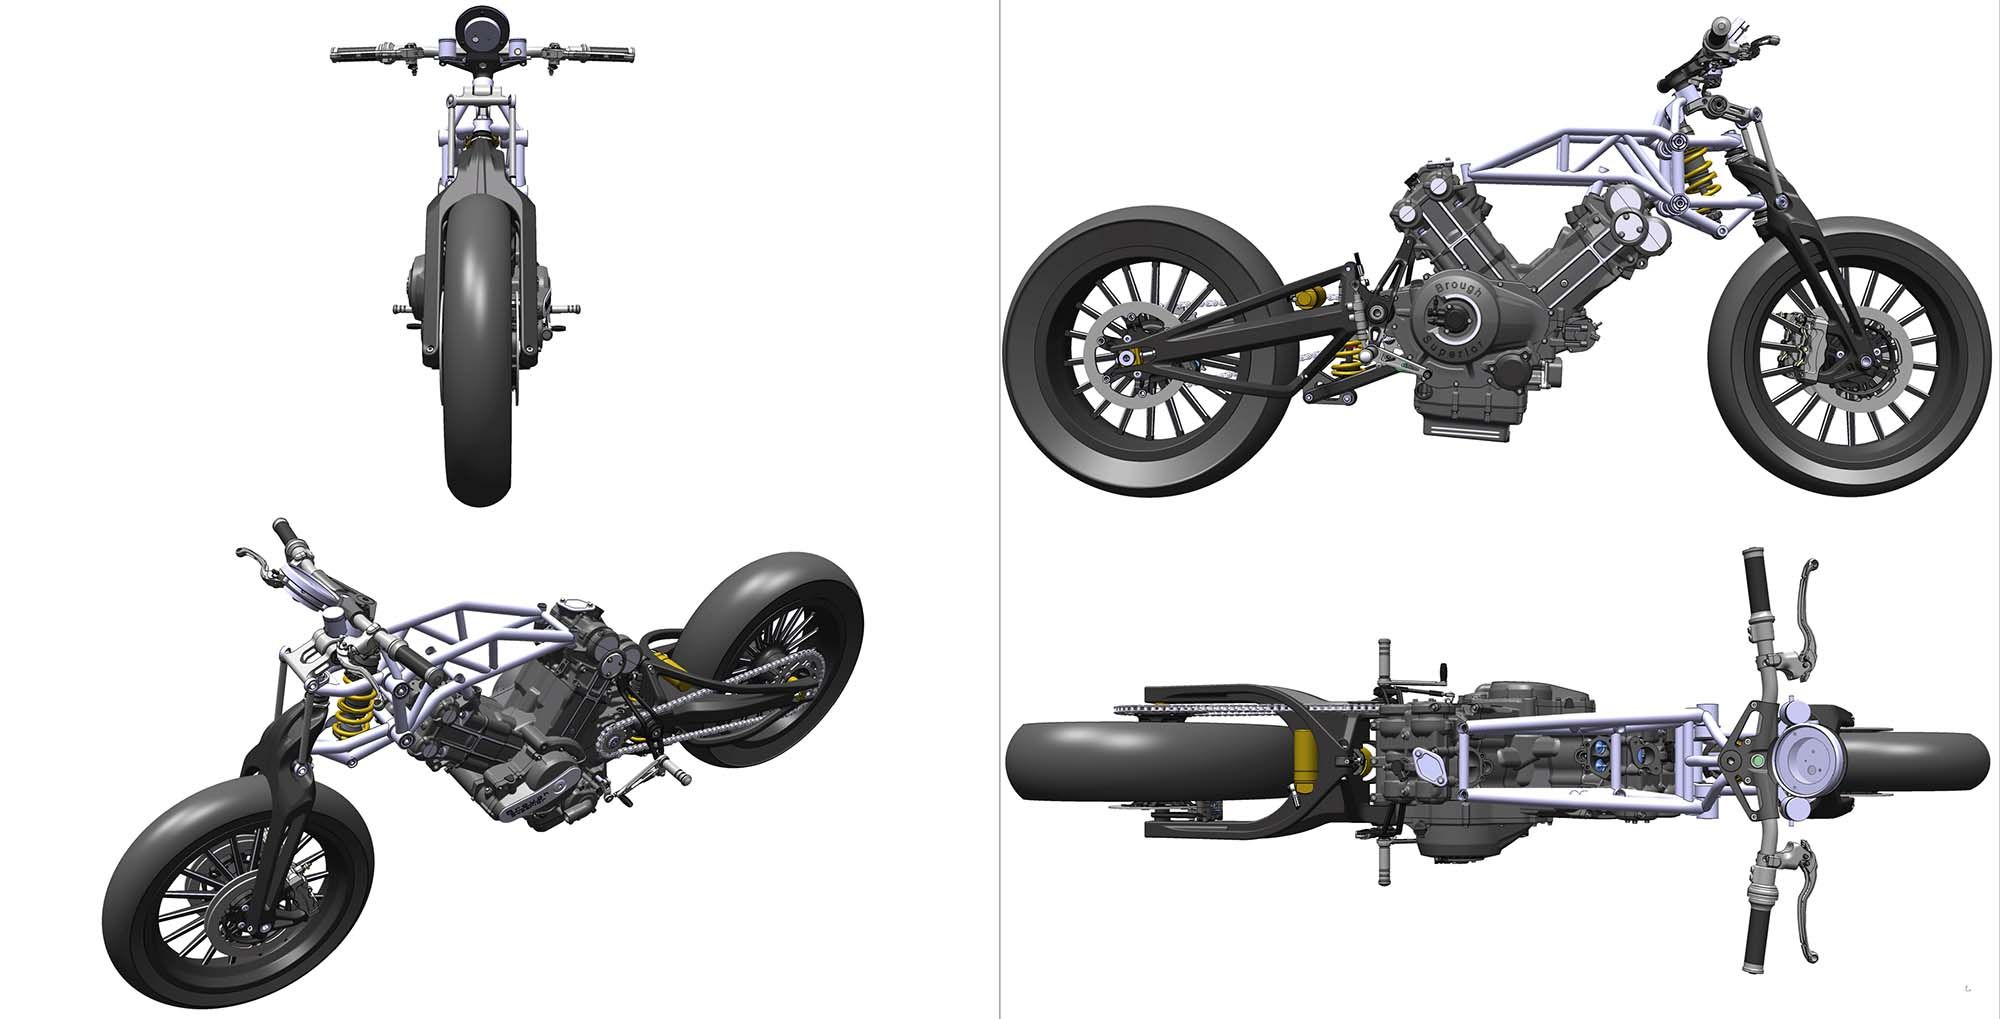 Brough Superior Ss100 Design 14